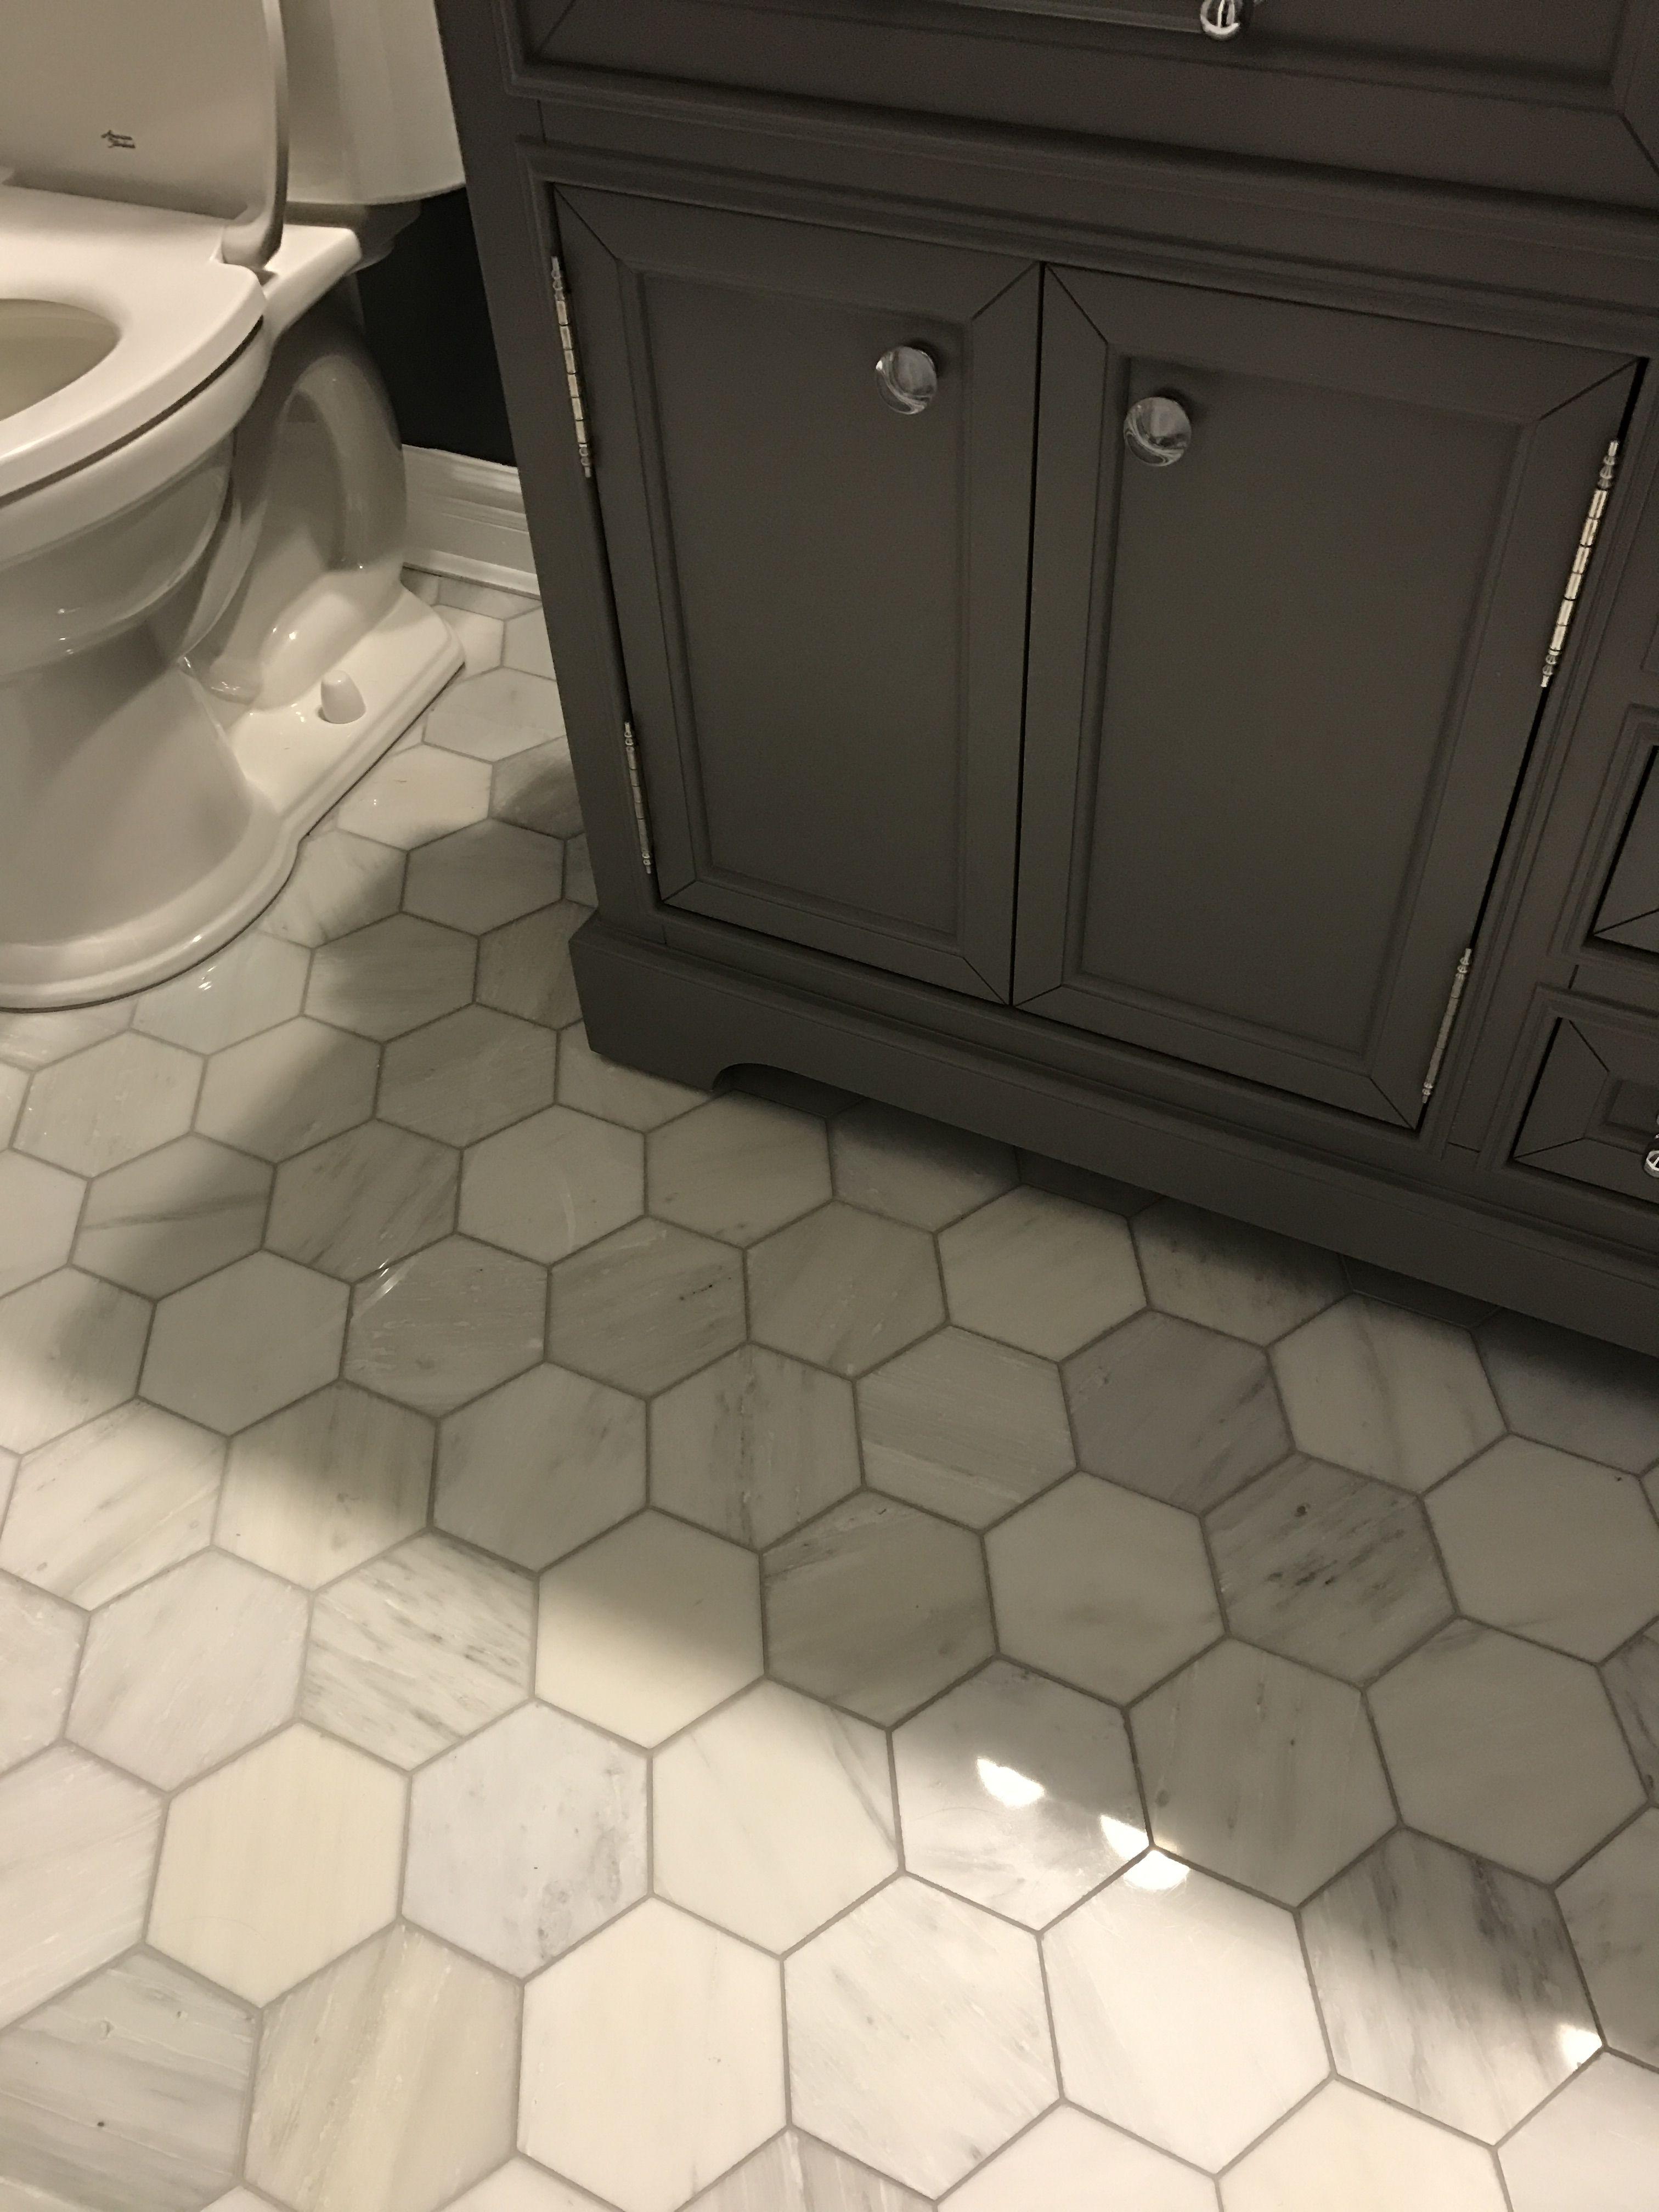 Hexagon Floor Tile Bathroom Remodel